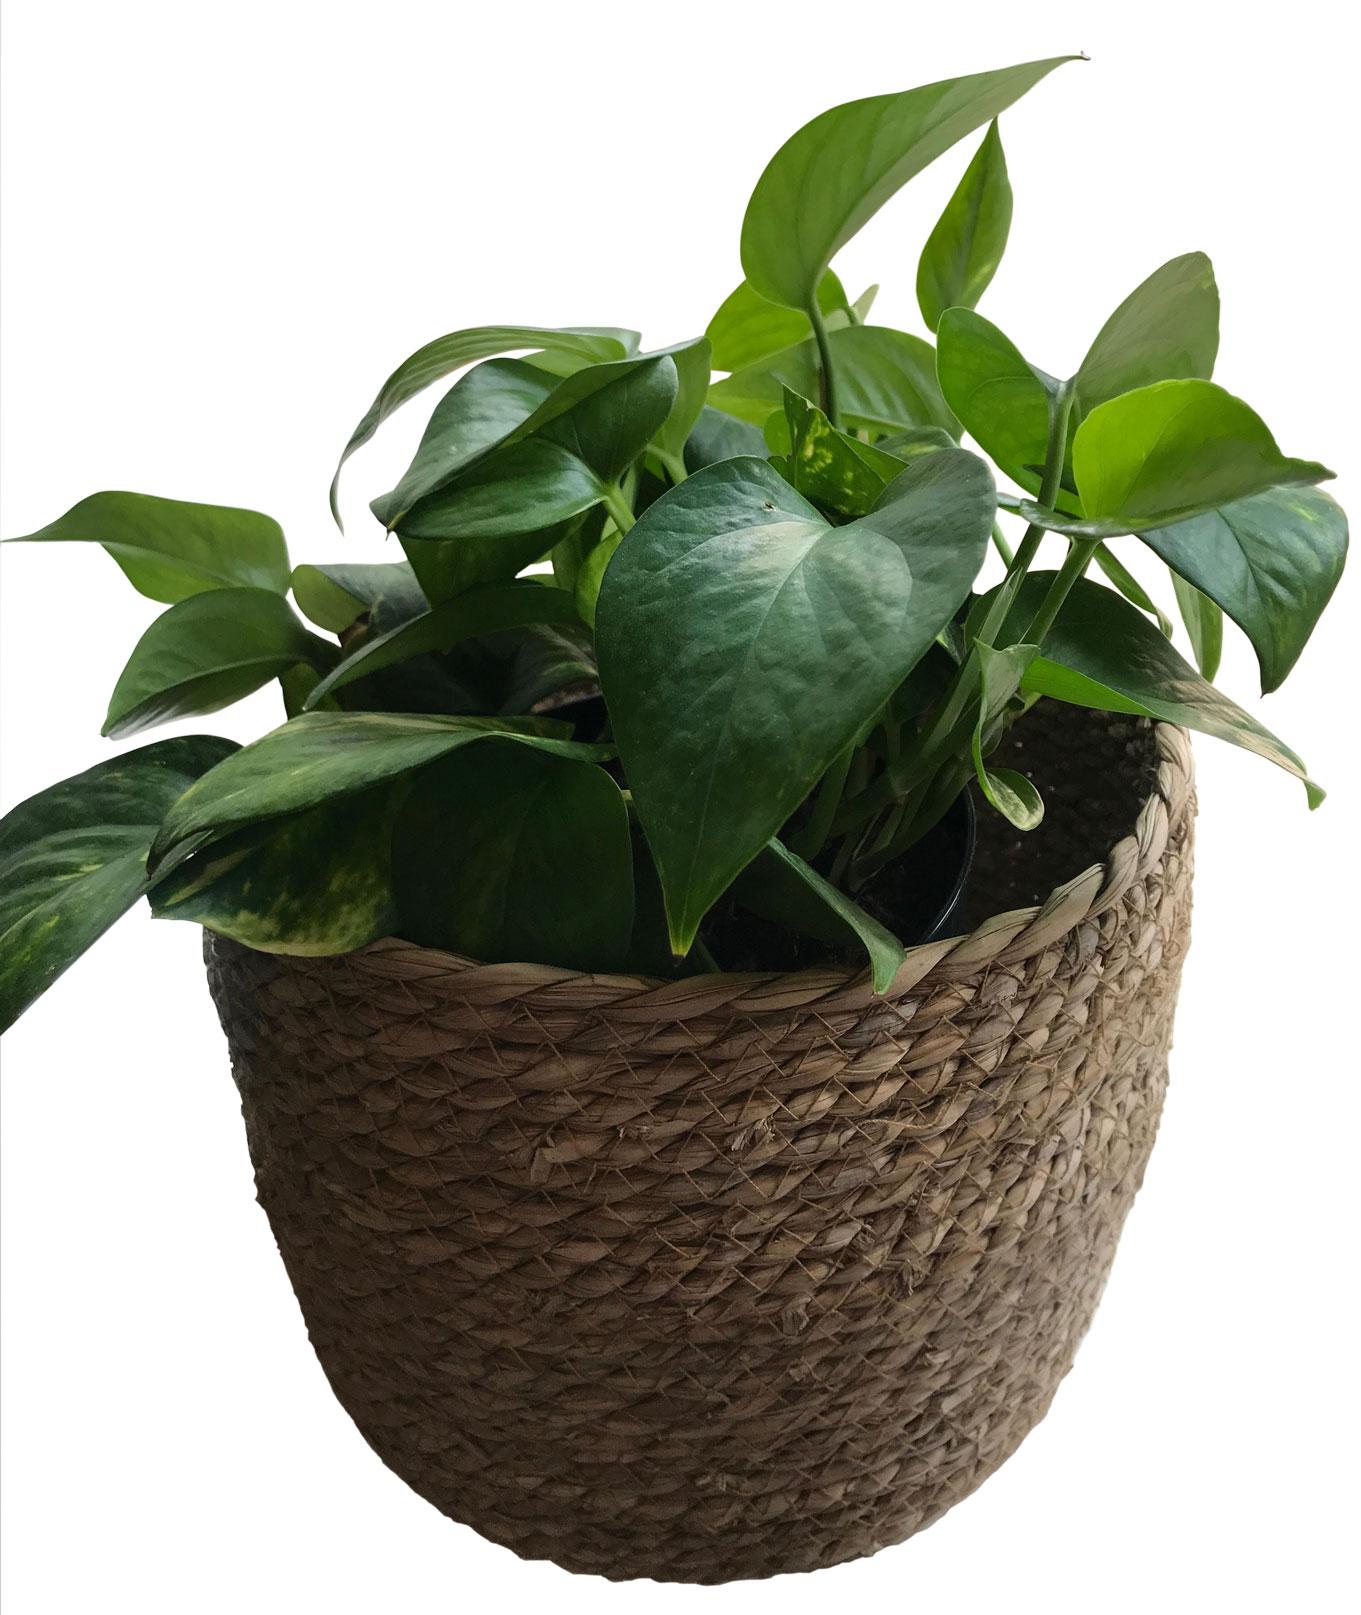 Happy Houseplants - Potho Ivy Plant